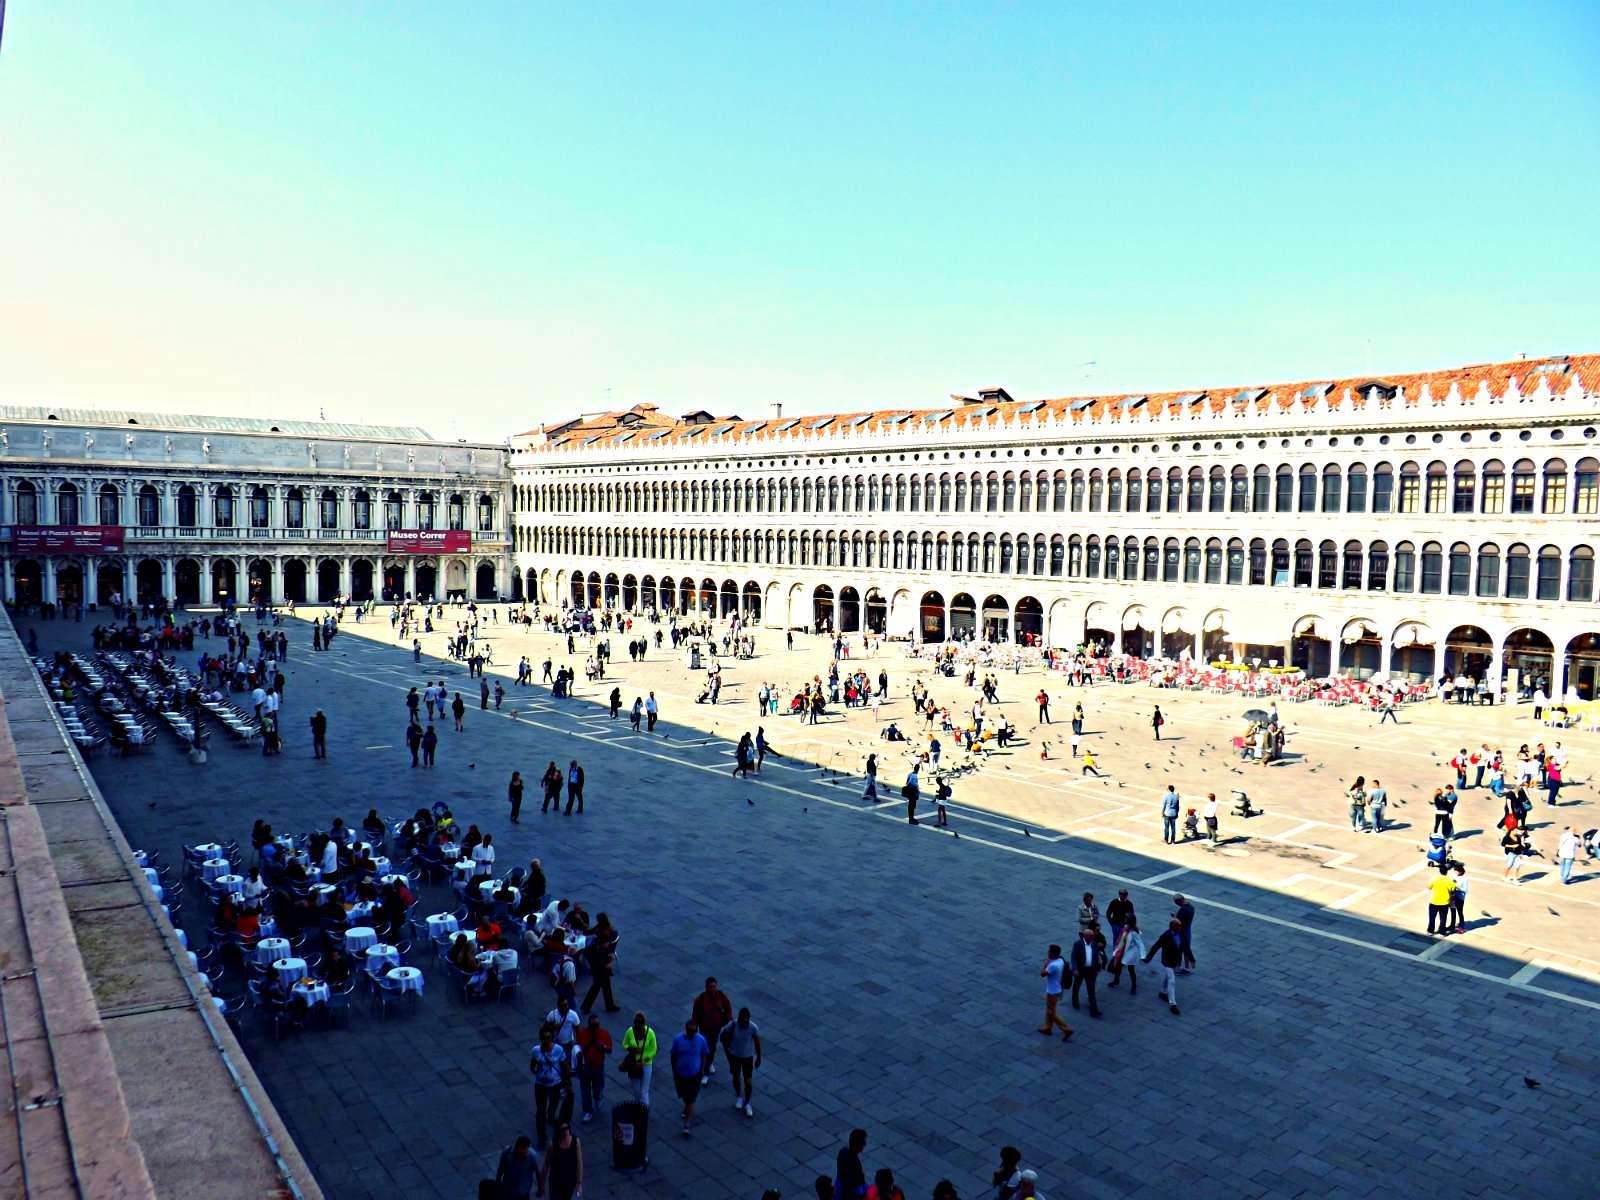 Breve itinerario a piedi a Venezia sulle orme del Casanova